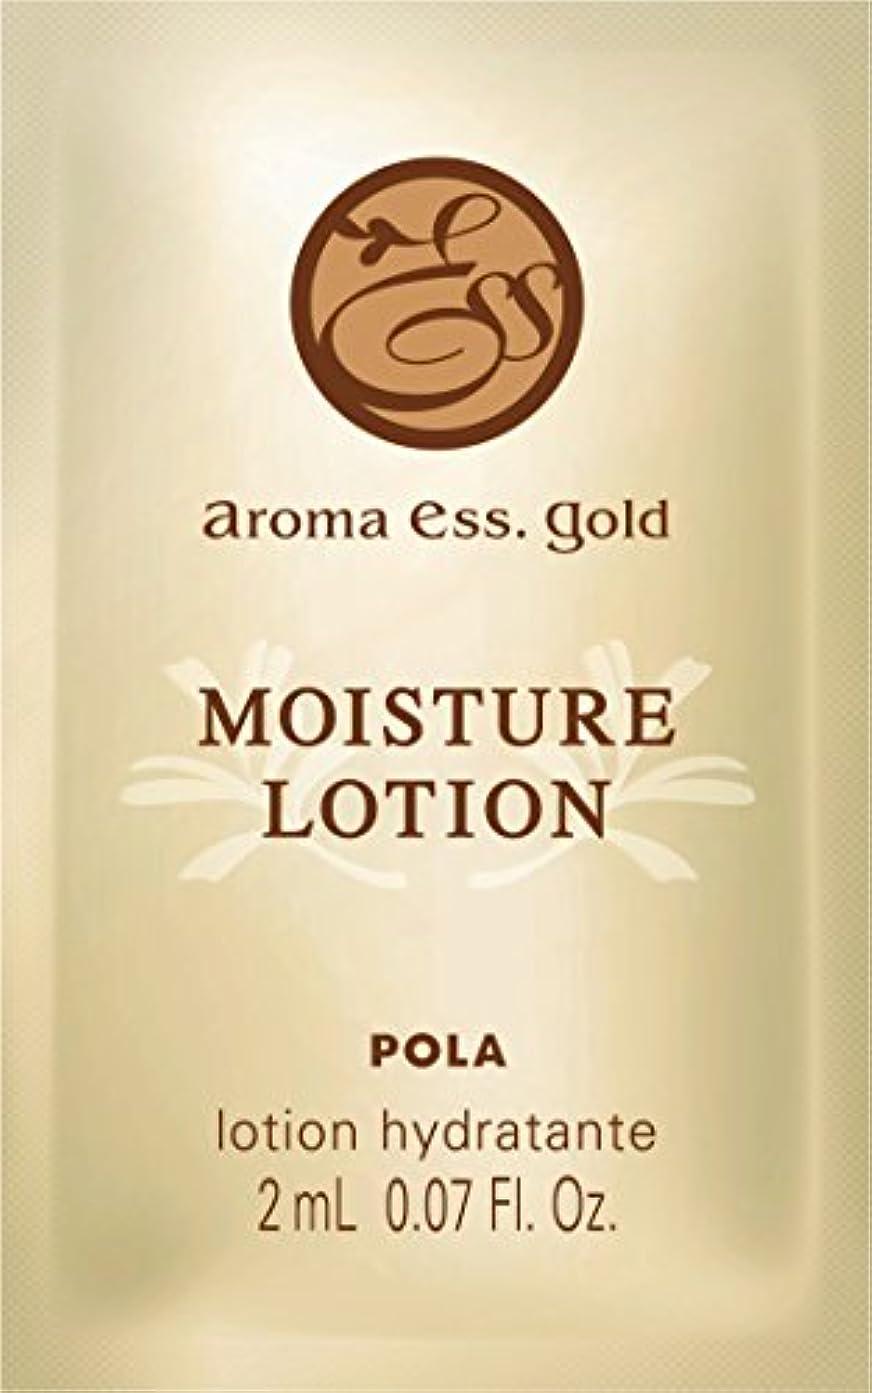 増幅器用霜POLA アロマエッセゴールド モイスチャーローション 化粧水 個包装タイプ 2mL×100包